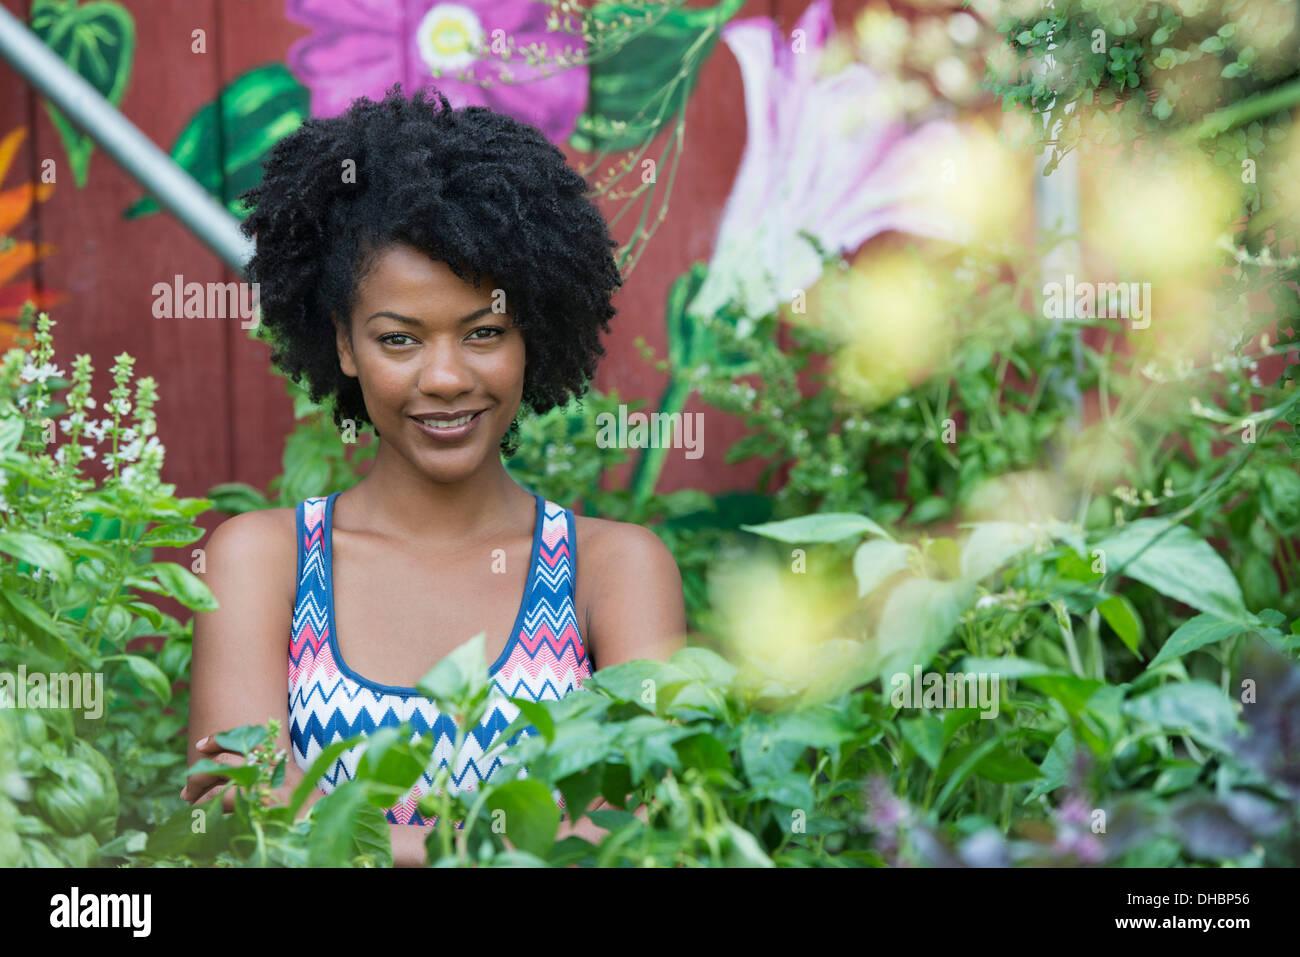 Une femme debout dans une pépinière, entouré de plantes, fleurs et feuillages. Photo Stock